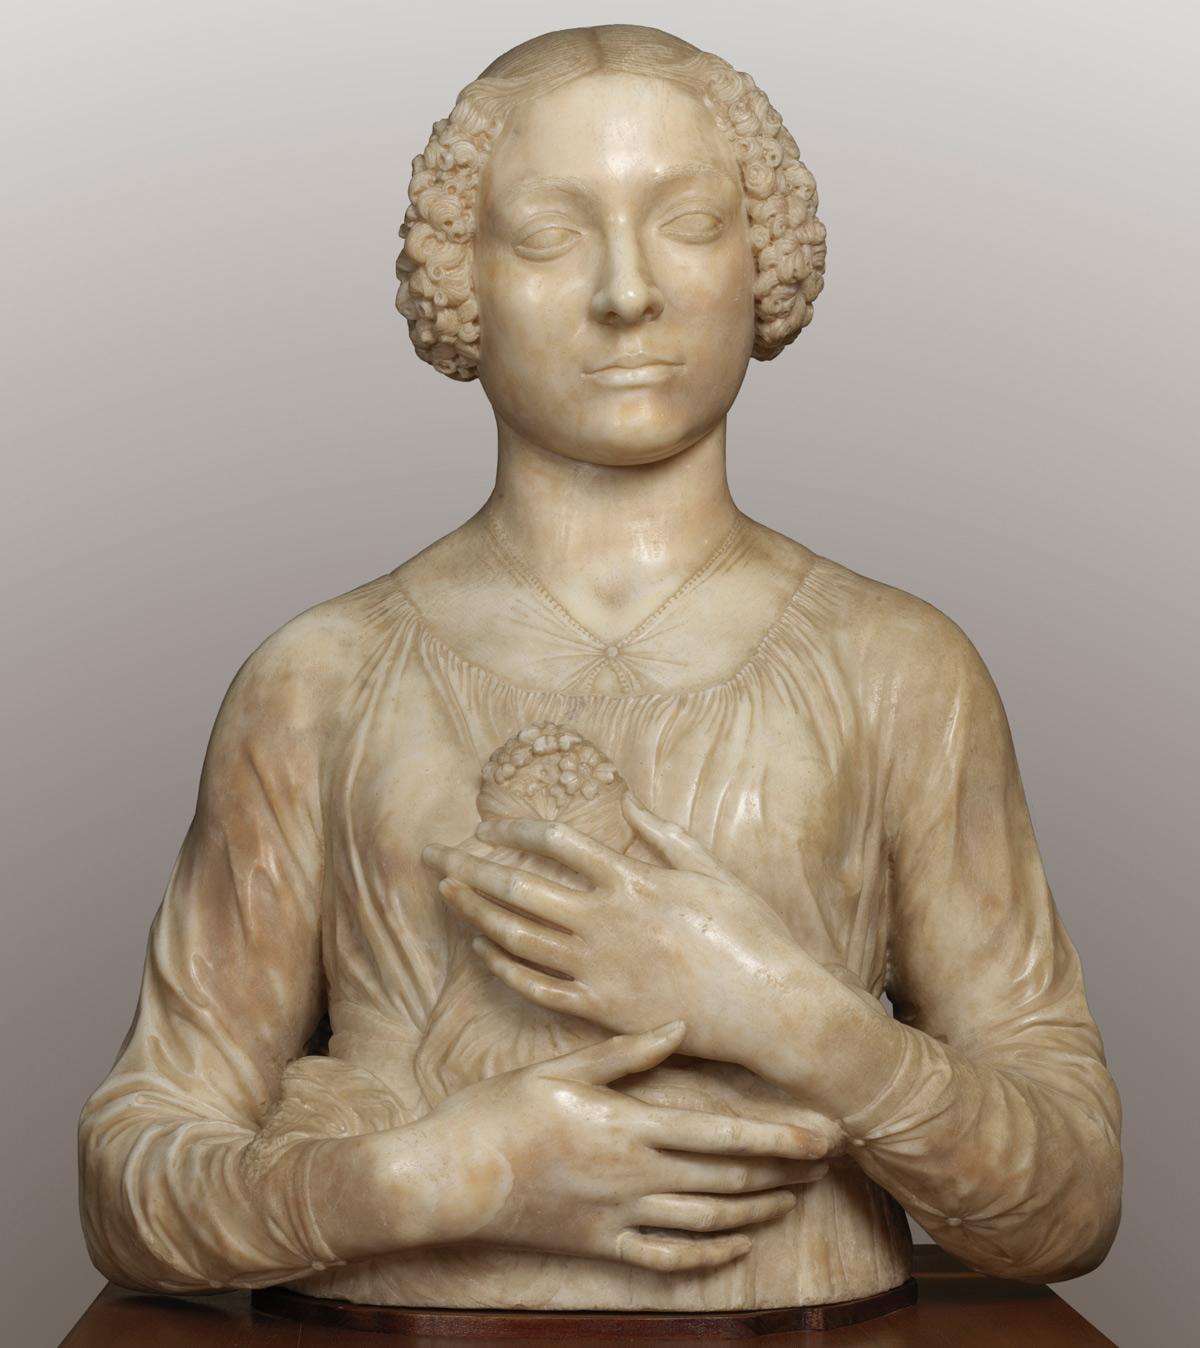 Andrea del Verrocchio, Dama dal mazzolino (1475 circa; marmo, 59 x 46 x 24 cm; Firenze, Museo Nazionale del Bargello, inv. Sculture 115)